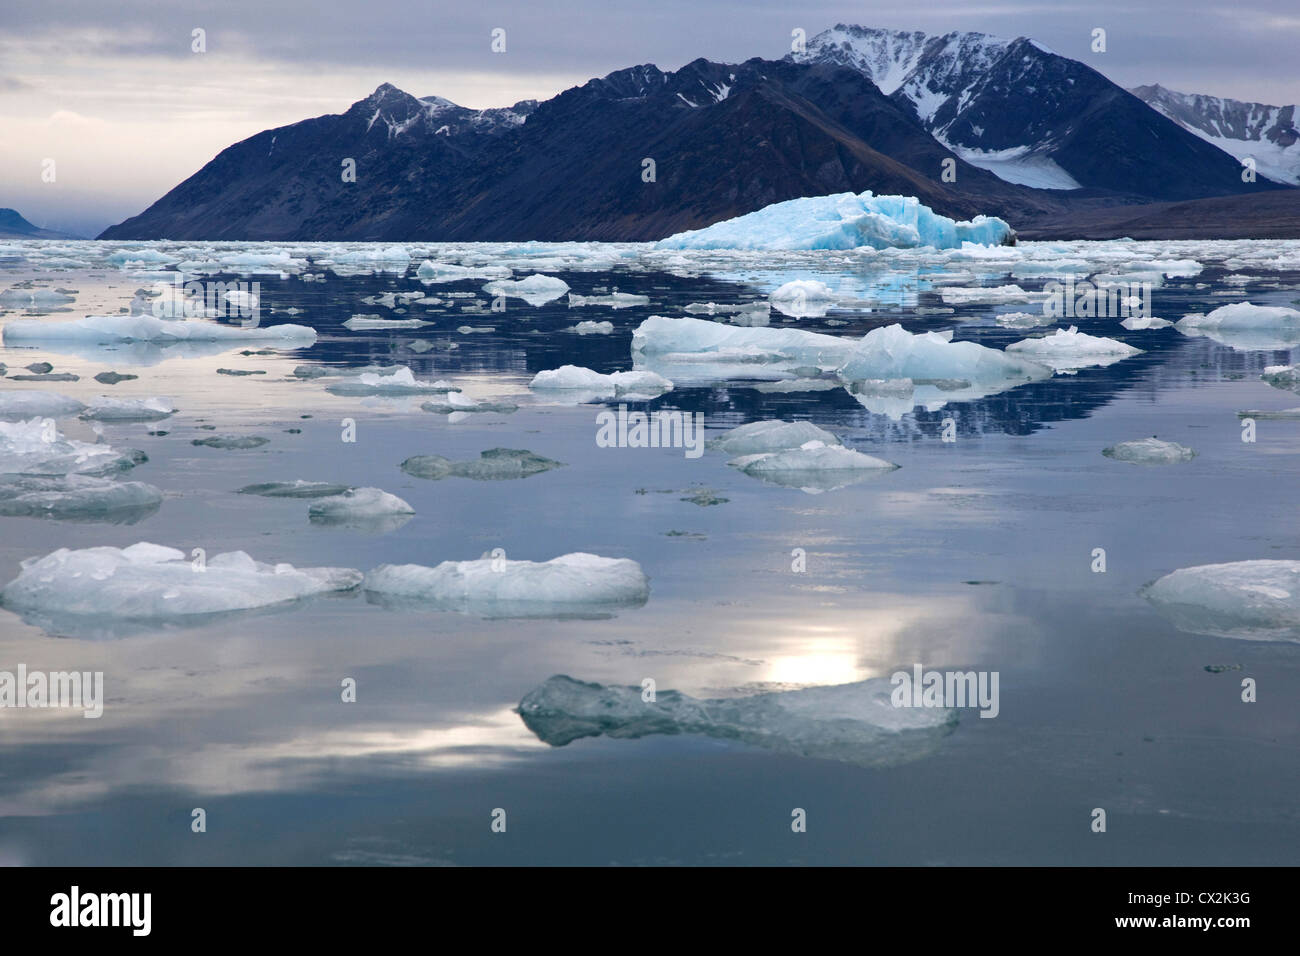 La banquise et les icebergs flottant dans l'Lilliehookfjorden, Svalbard, Spitzberg, Norvège Photo Stock